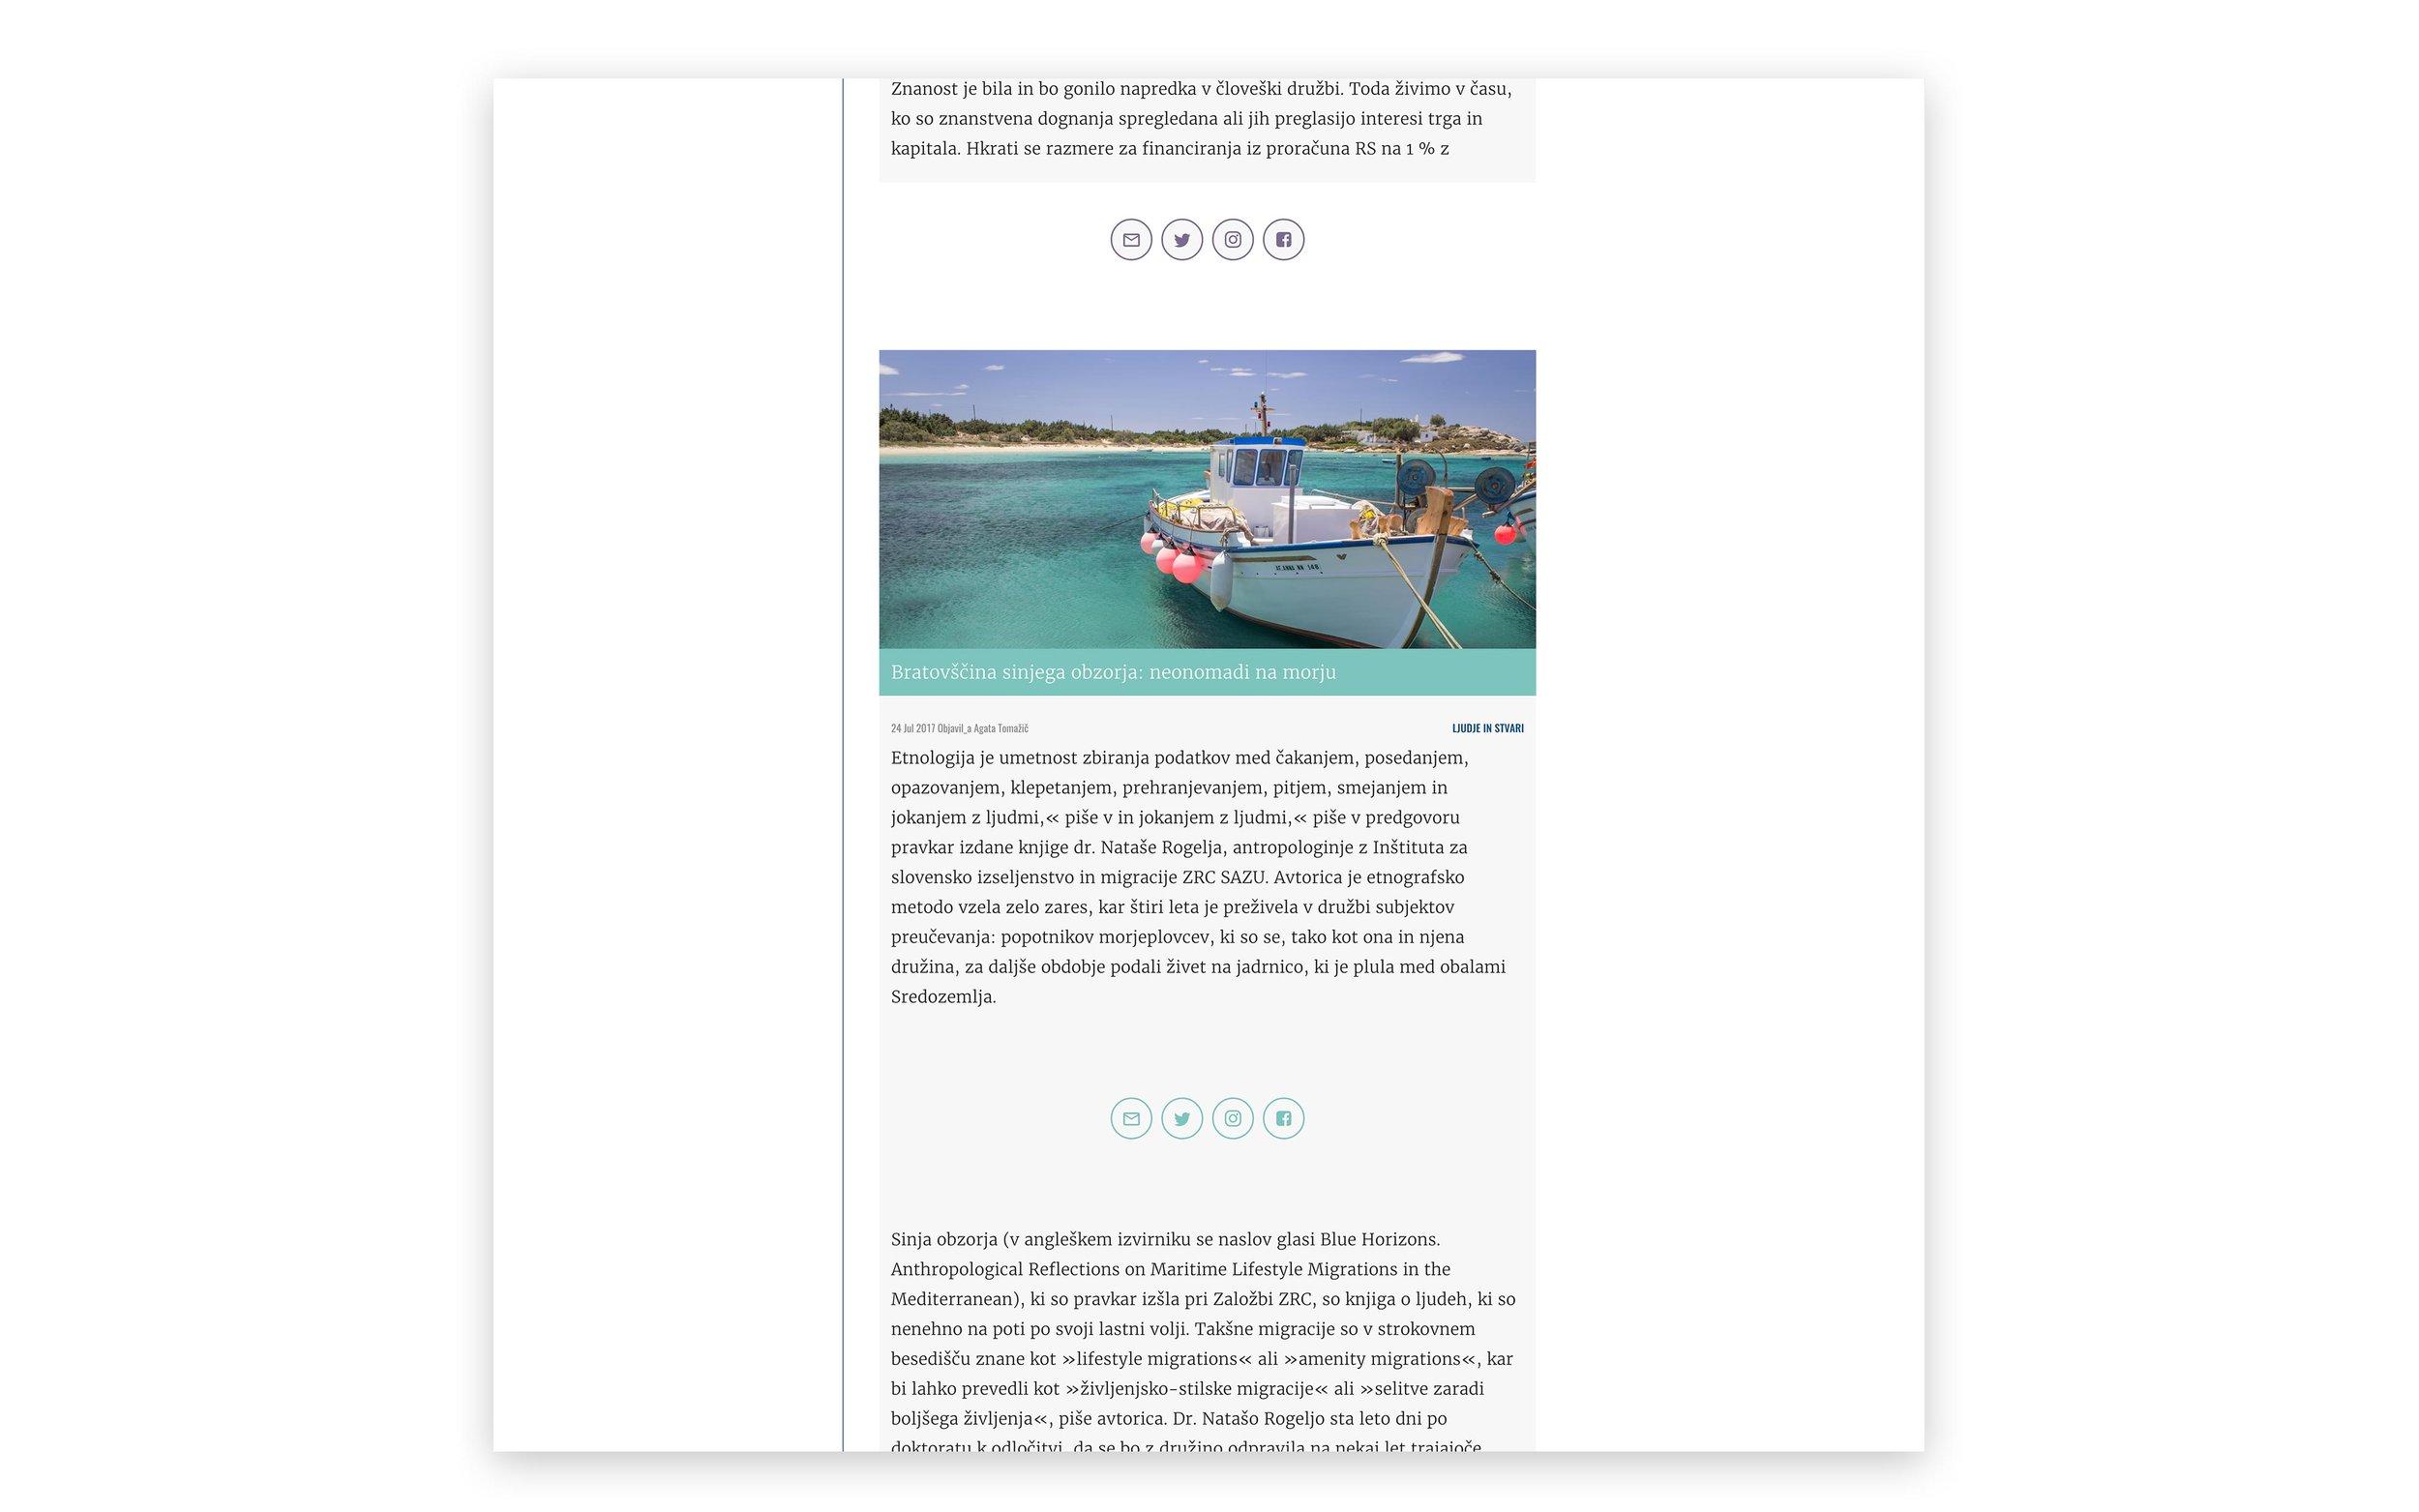 desktop article open.jpg